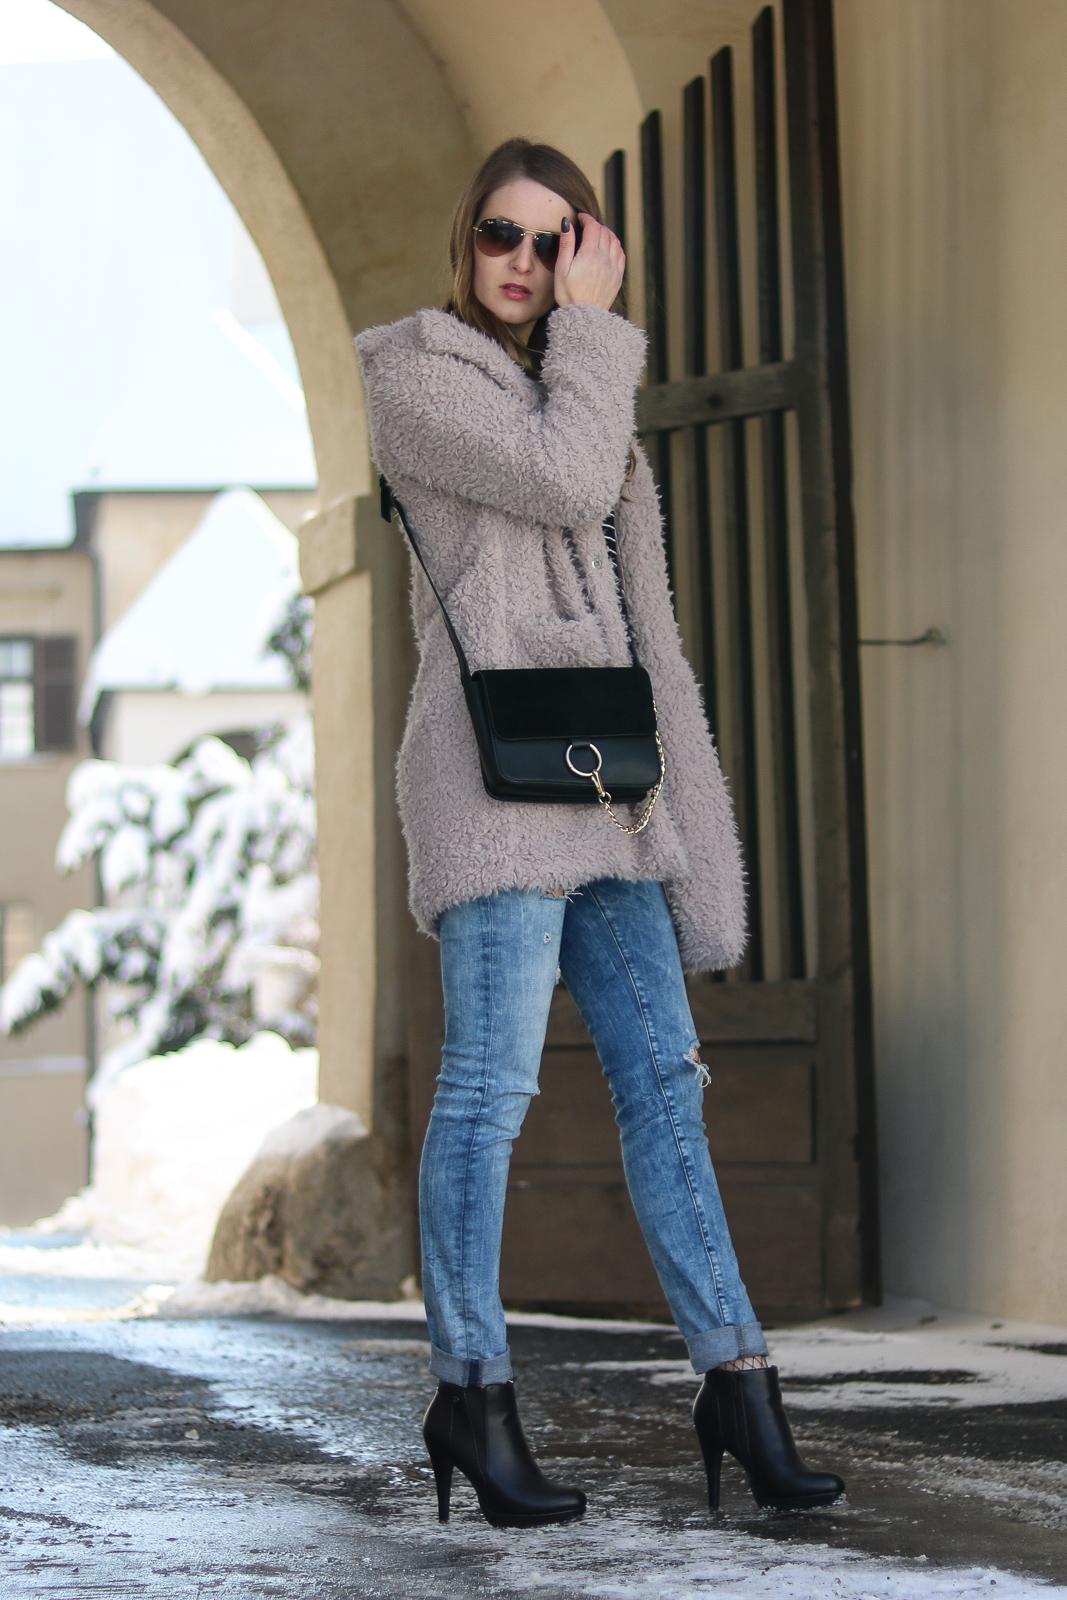 Das Streifenshirt - Zeitlose Modeklassiker - gestreiftes Marineshirt - Streifenshirt kombinieren - Streifenshirt im Winter stylen - lässiges Outfit mit Streifenshirt Teddy Coat Destroyed Jeans und Netzstrumpfhose - Fashionladyloves by Tamara Wagner - Fashion Blog - Modeblog aus Graz Österreich